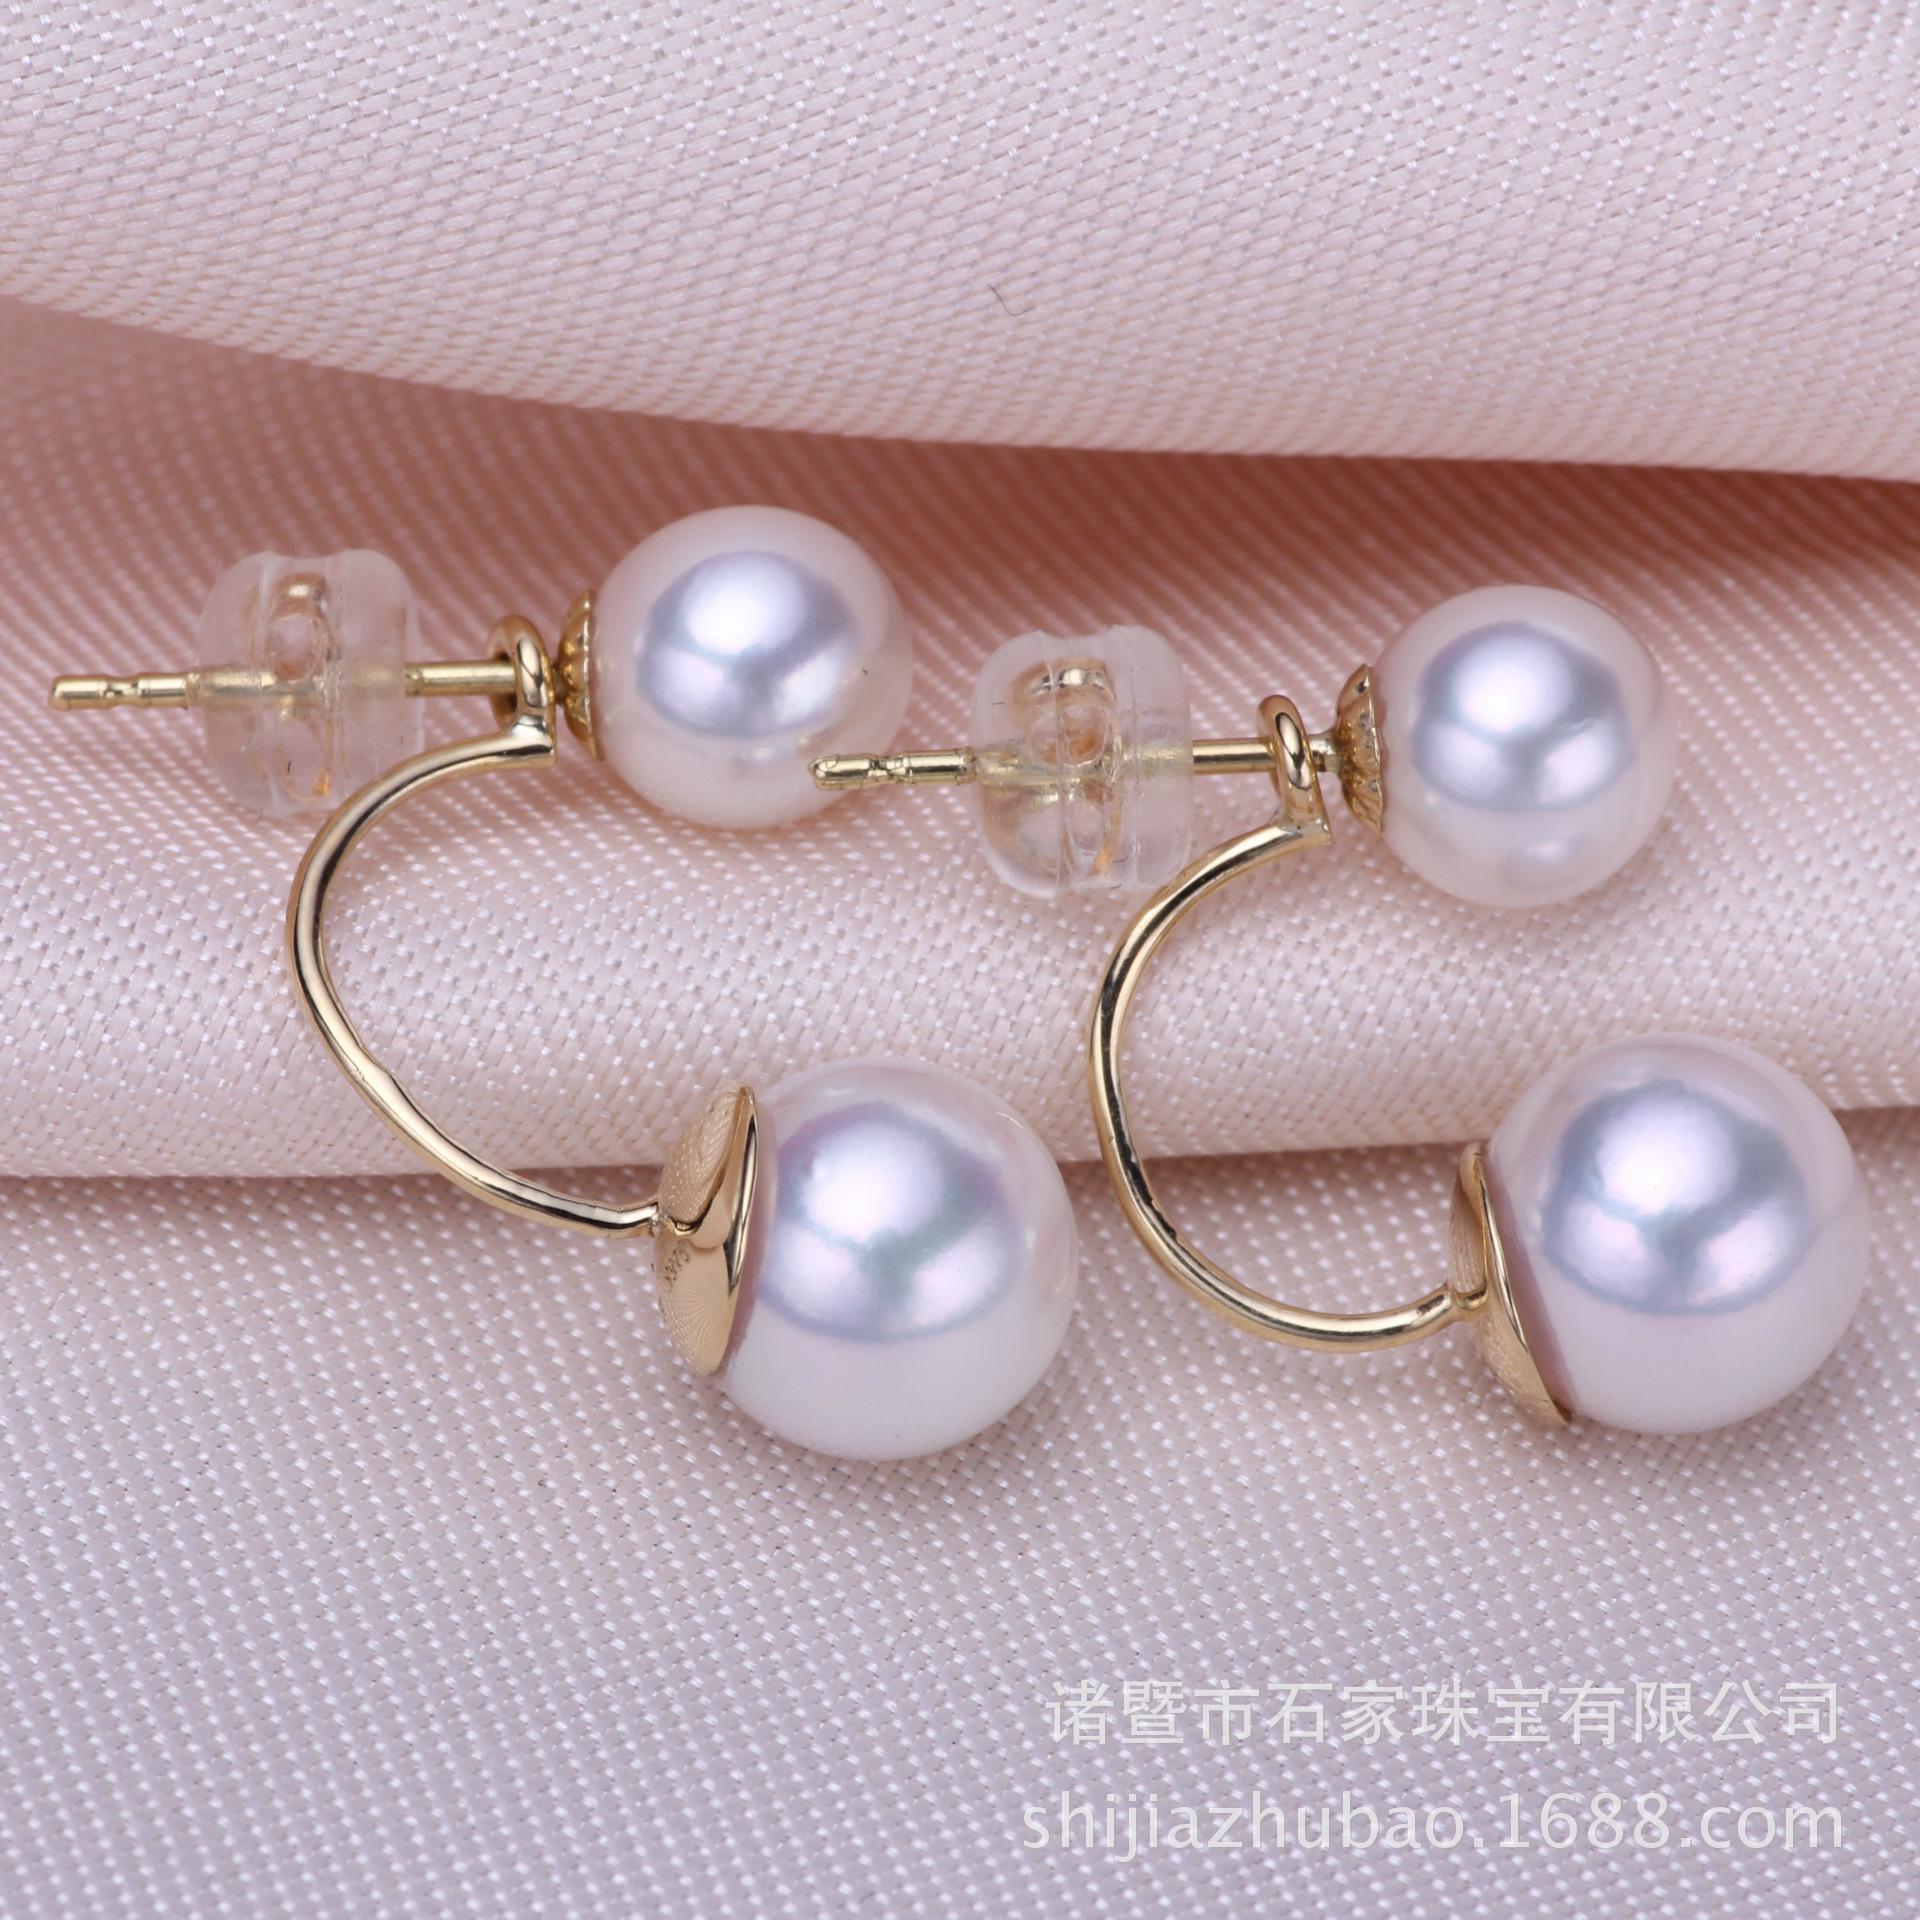 石家珠宝 8-9mm 5-6mm日本akoya海水珍珠耳钉 18K金 宋慧乔同款